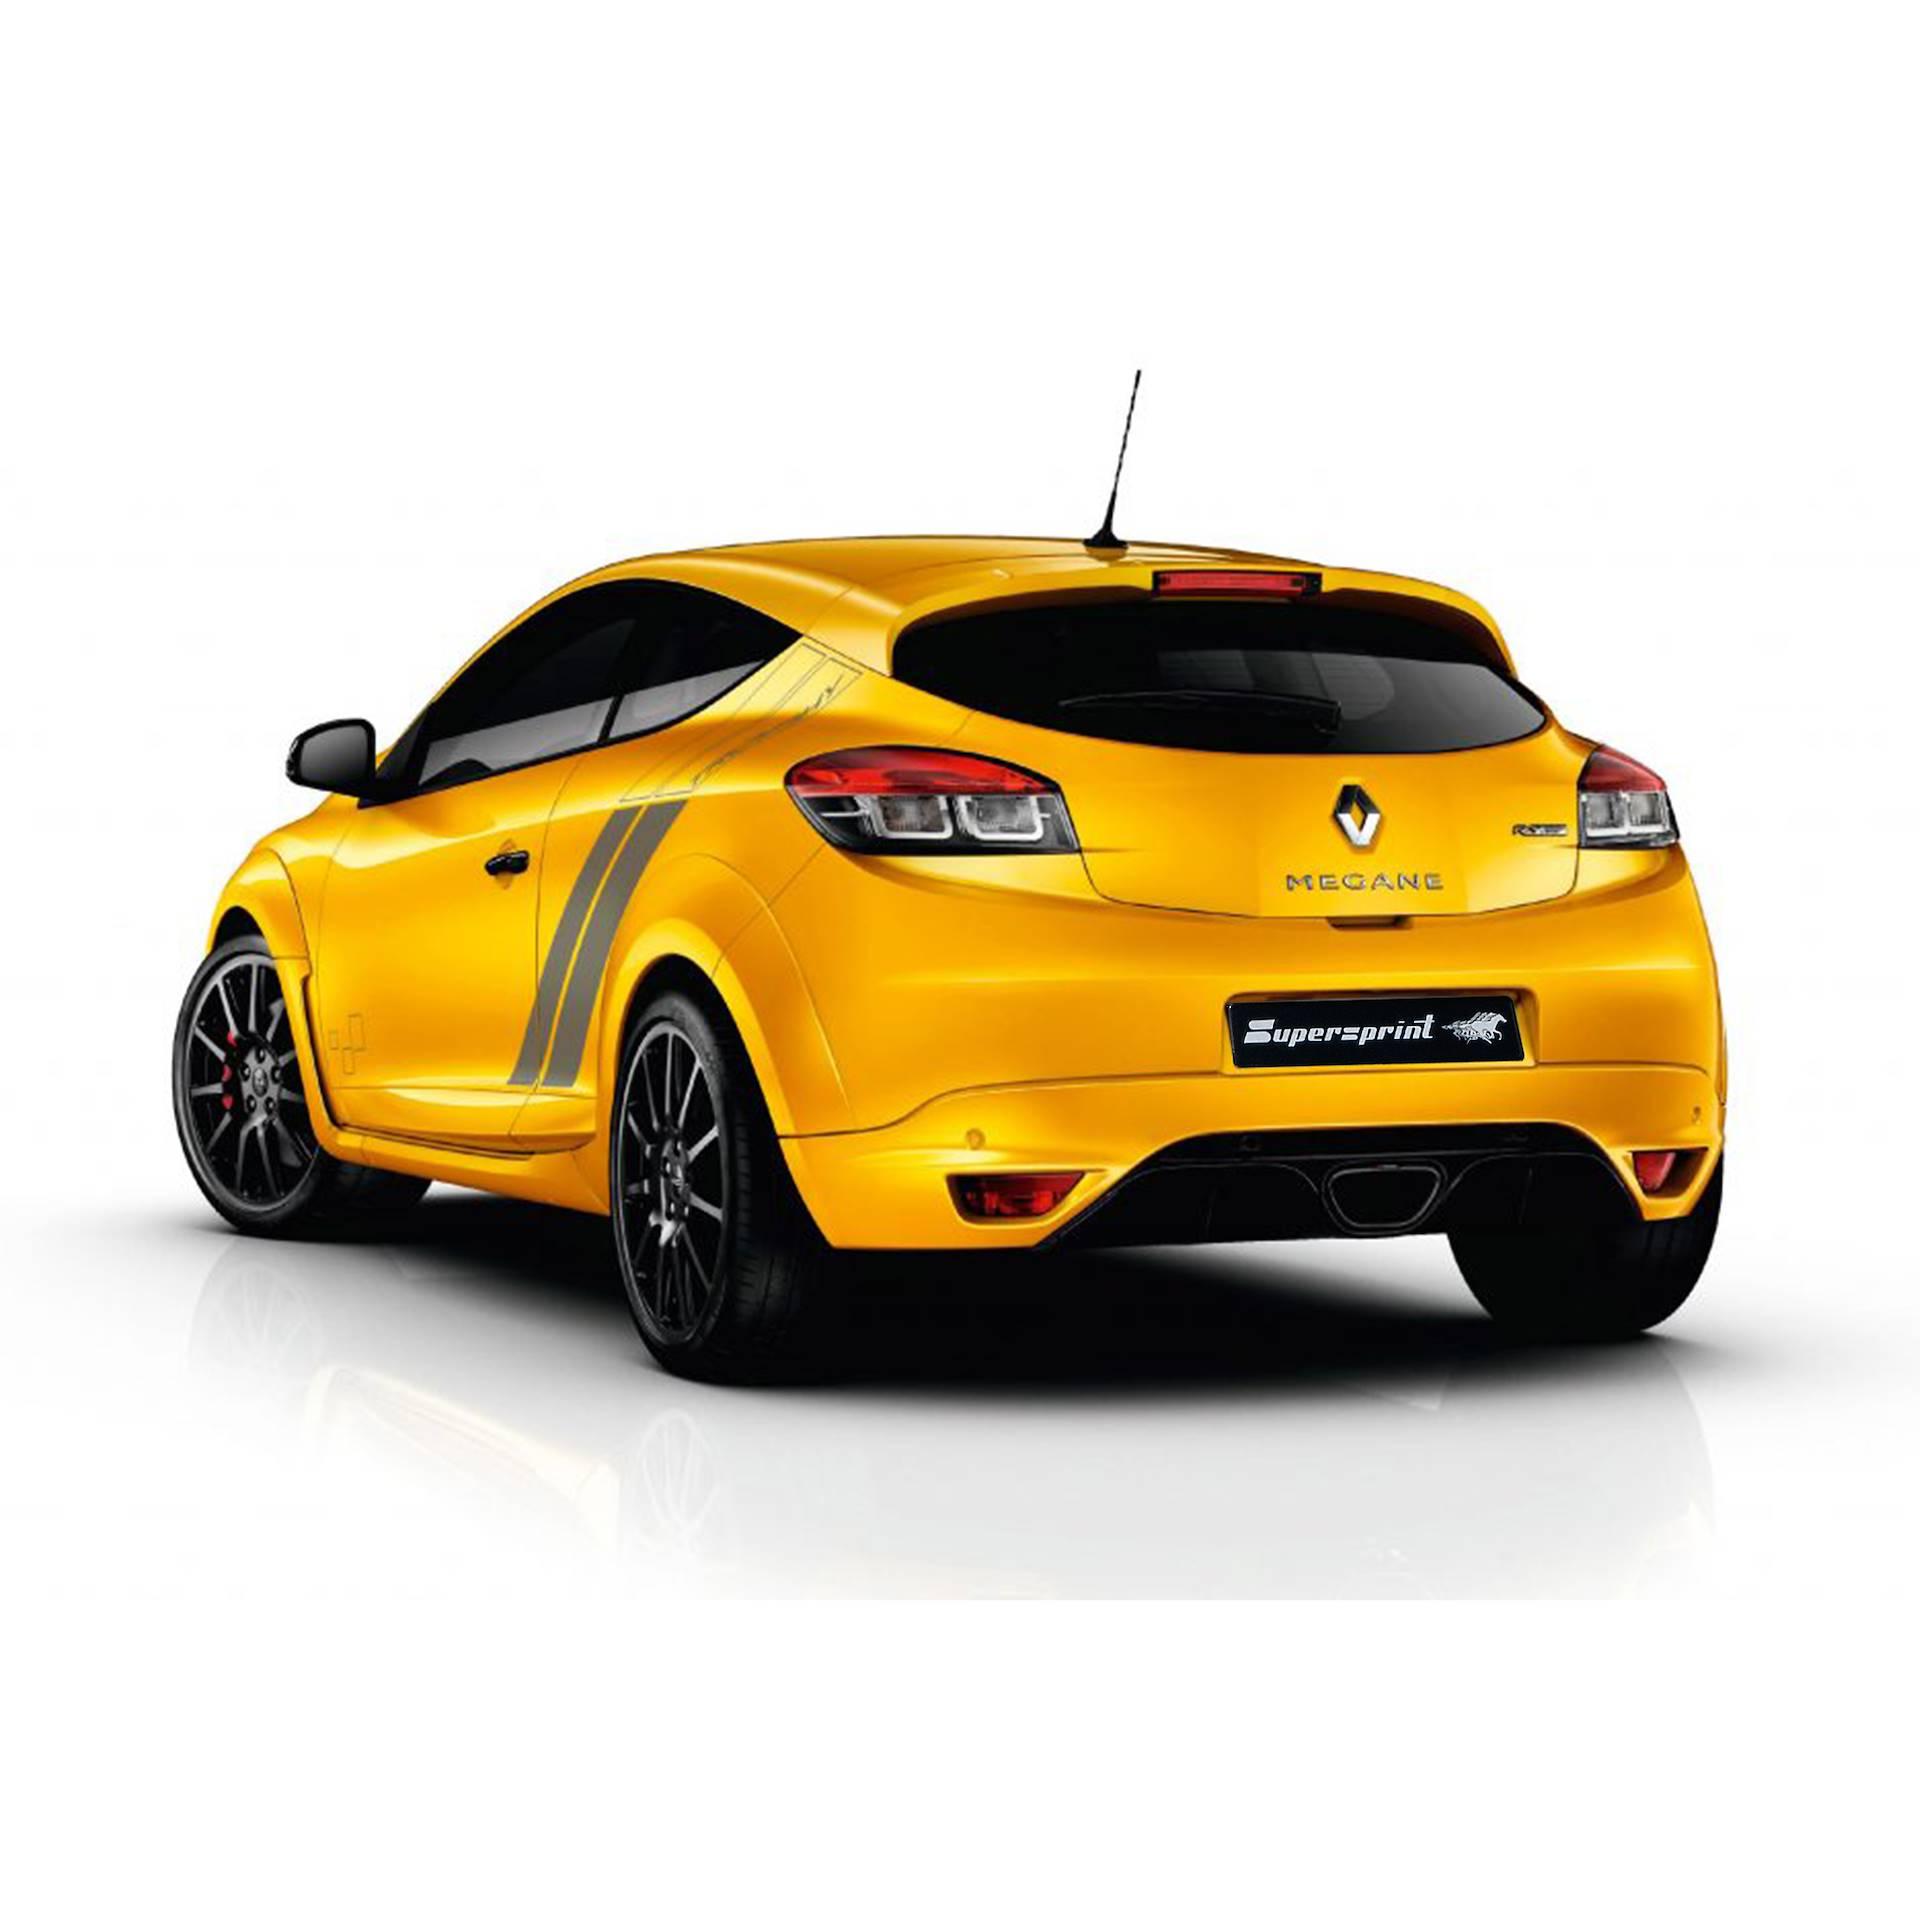 Sportauspuff Anlage Fur Renault Megane 3 Rs Trophy 275 Renault